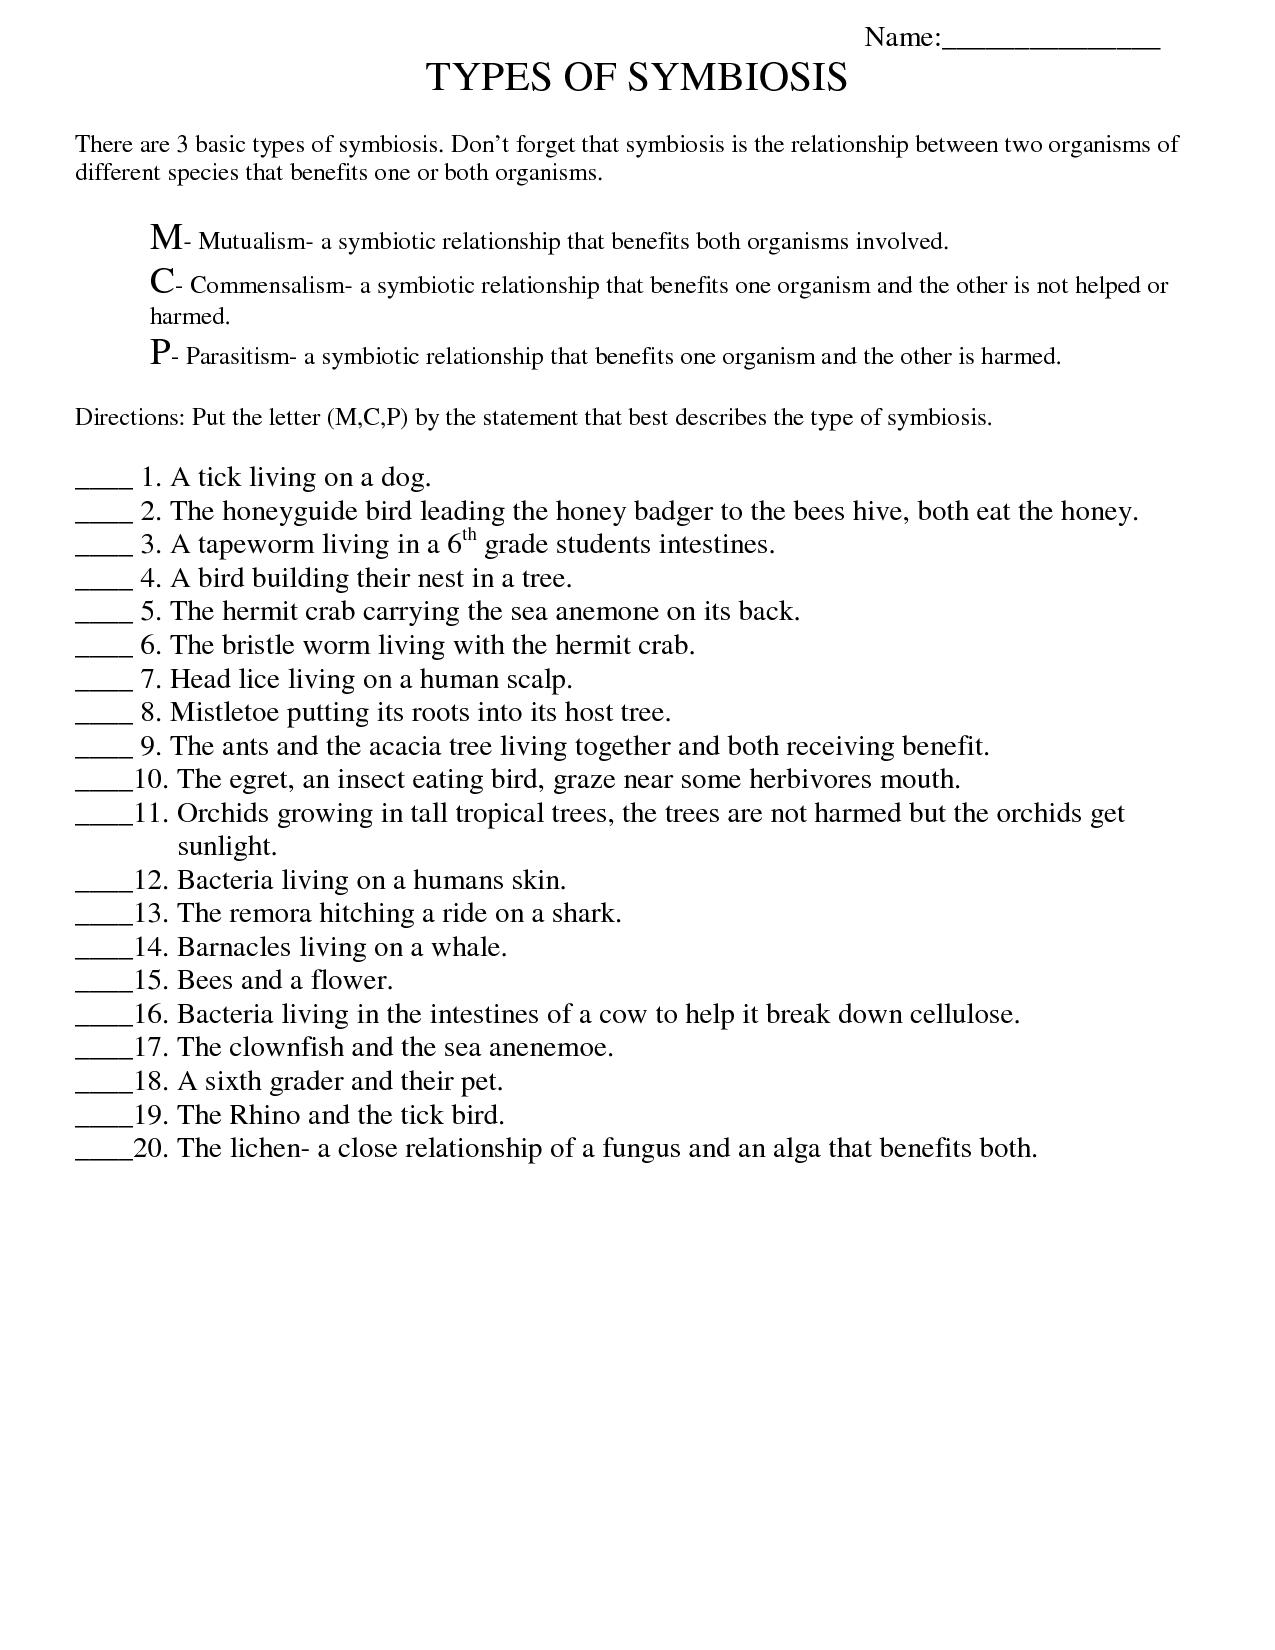 Symbiosis Worksheet: Free Printable Worksheets On High School Bio - Free Printable Worksheets For Highschool Students